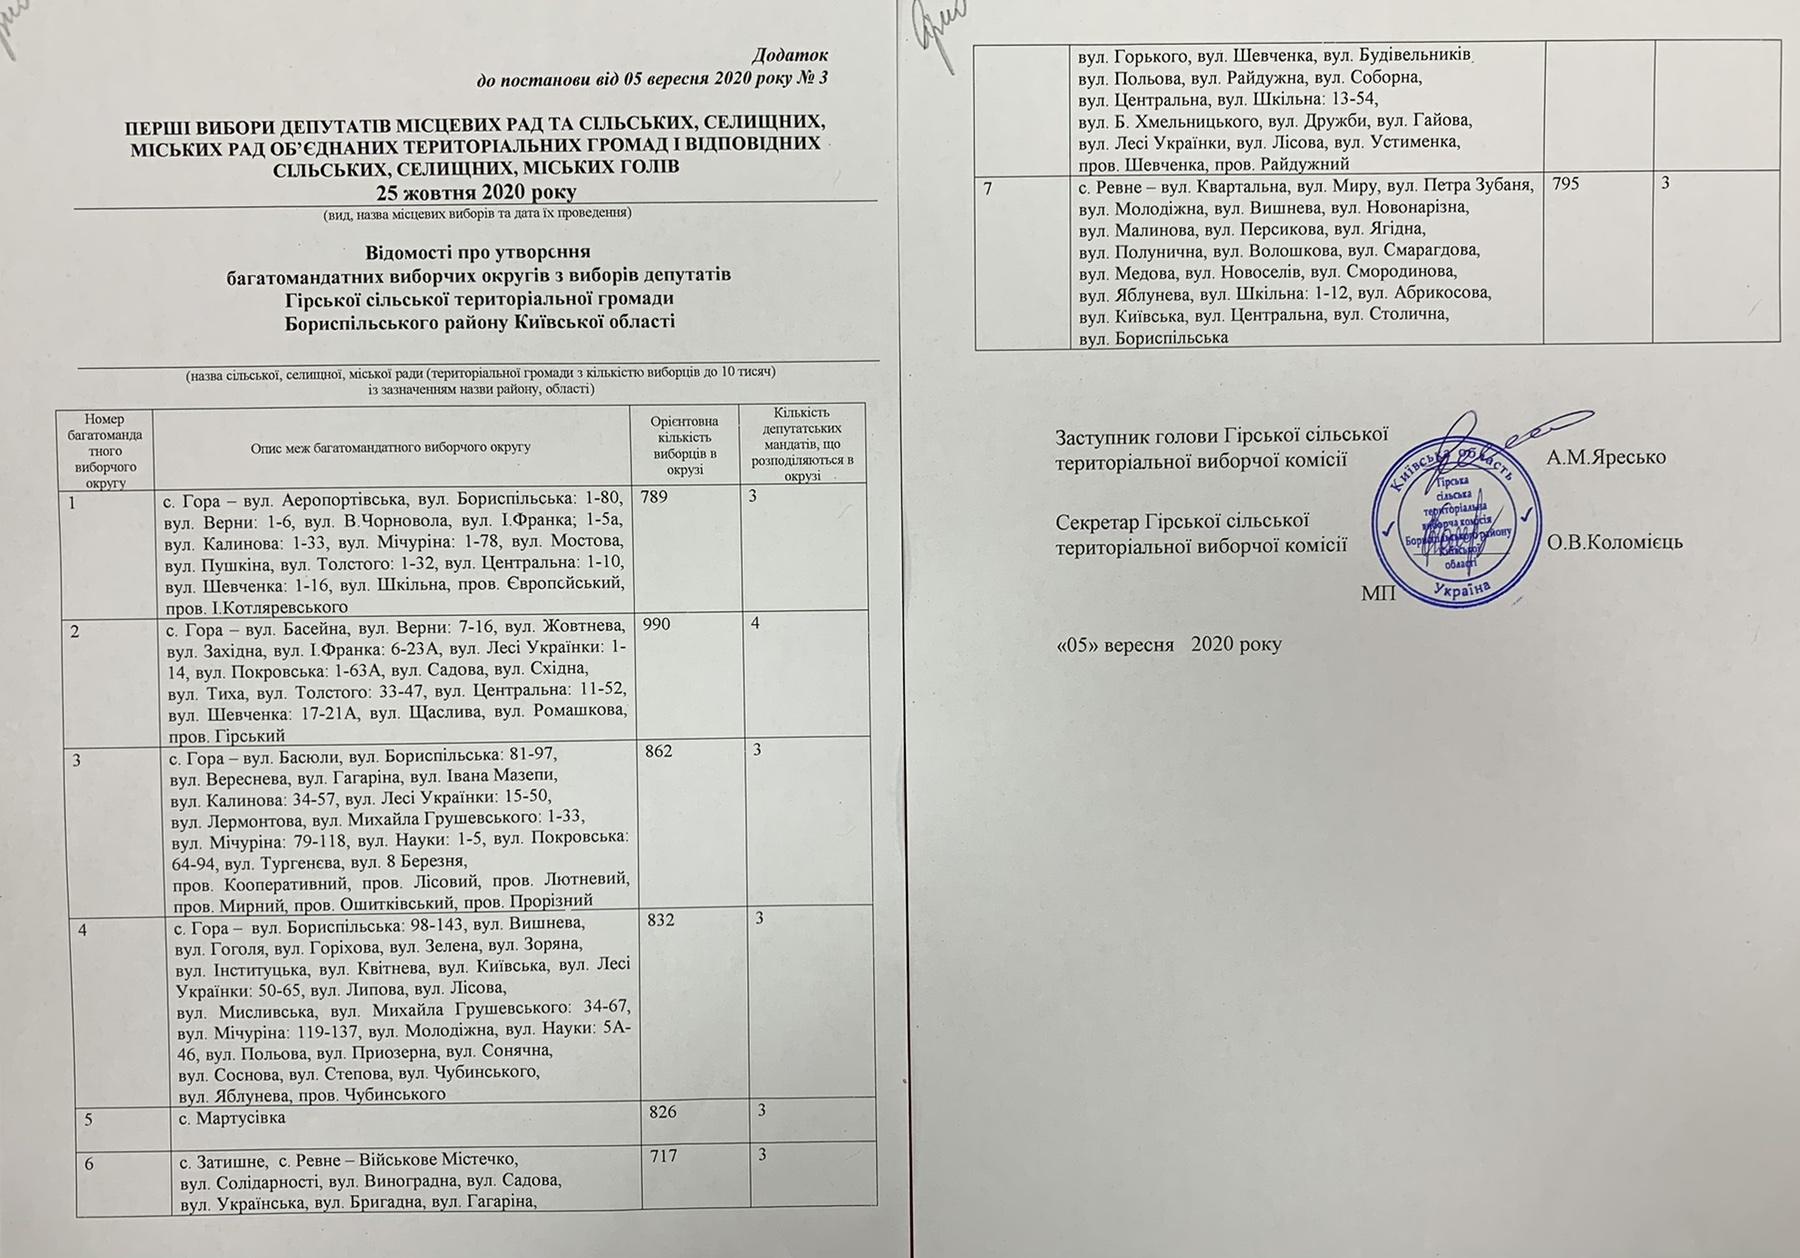 Відомості про утворення багатомандатних виборчих округів